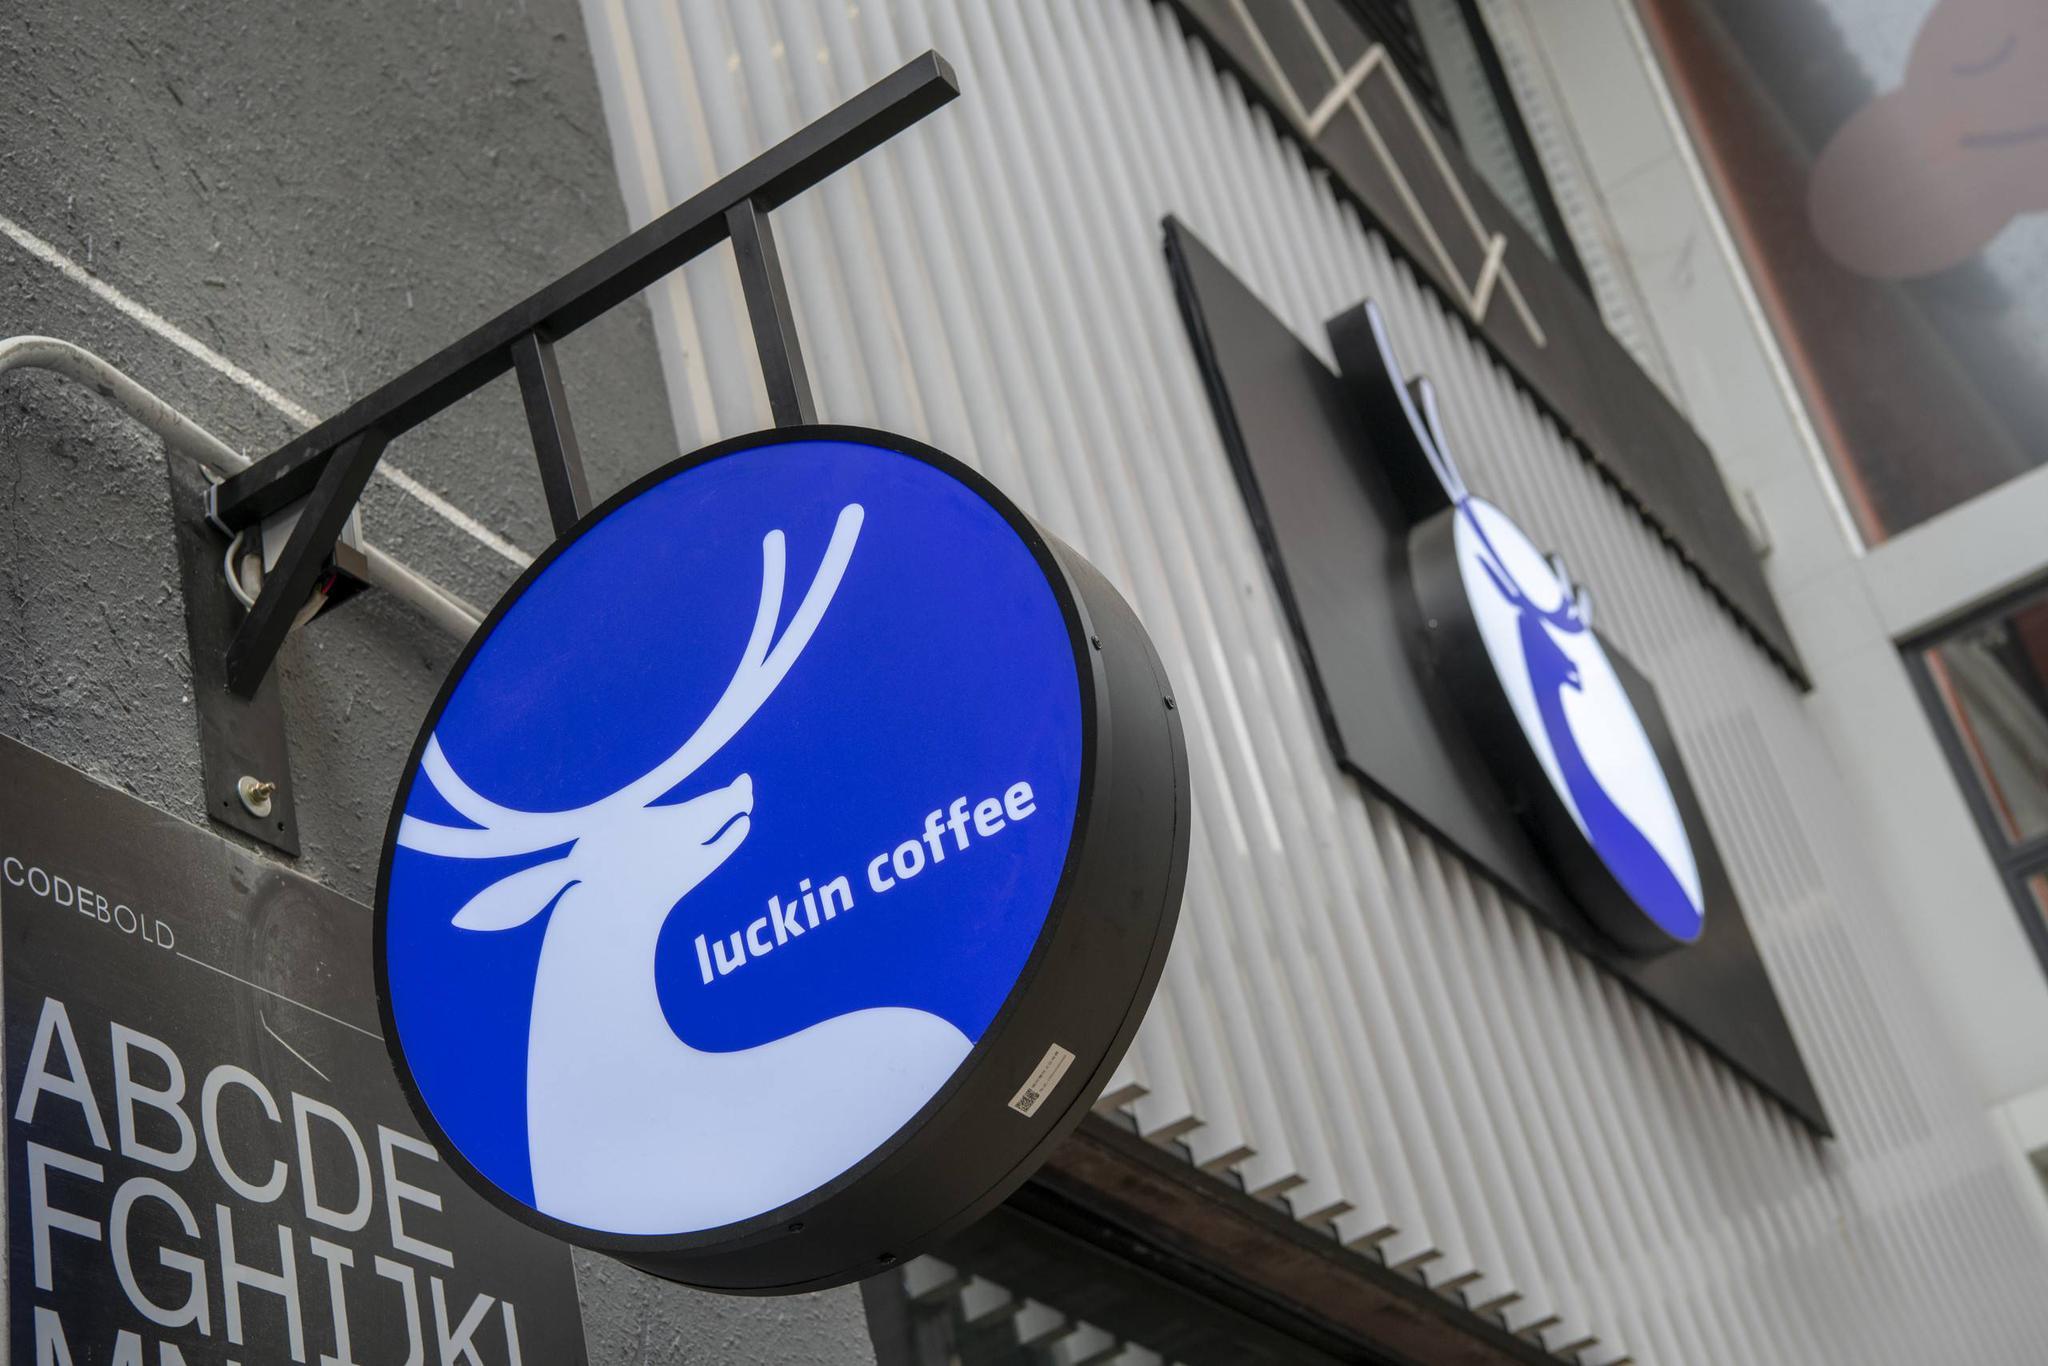 瑞幸咖啡告别纳斯达克:正式进入退市备案状态,线下门店该怎么办